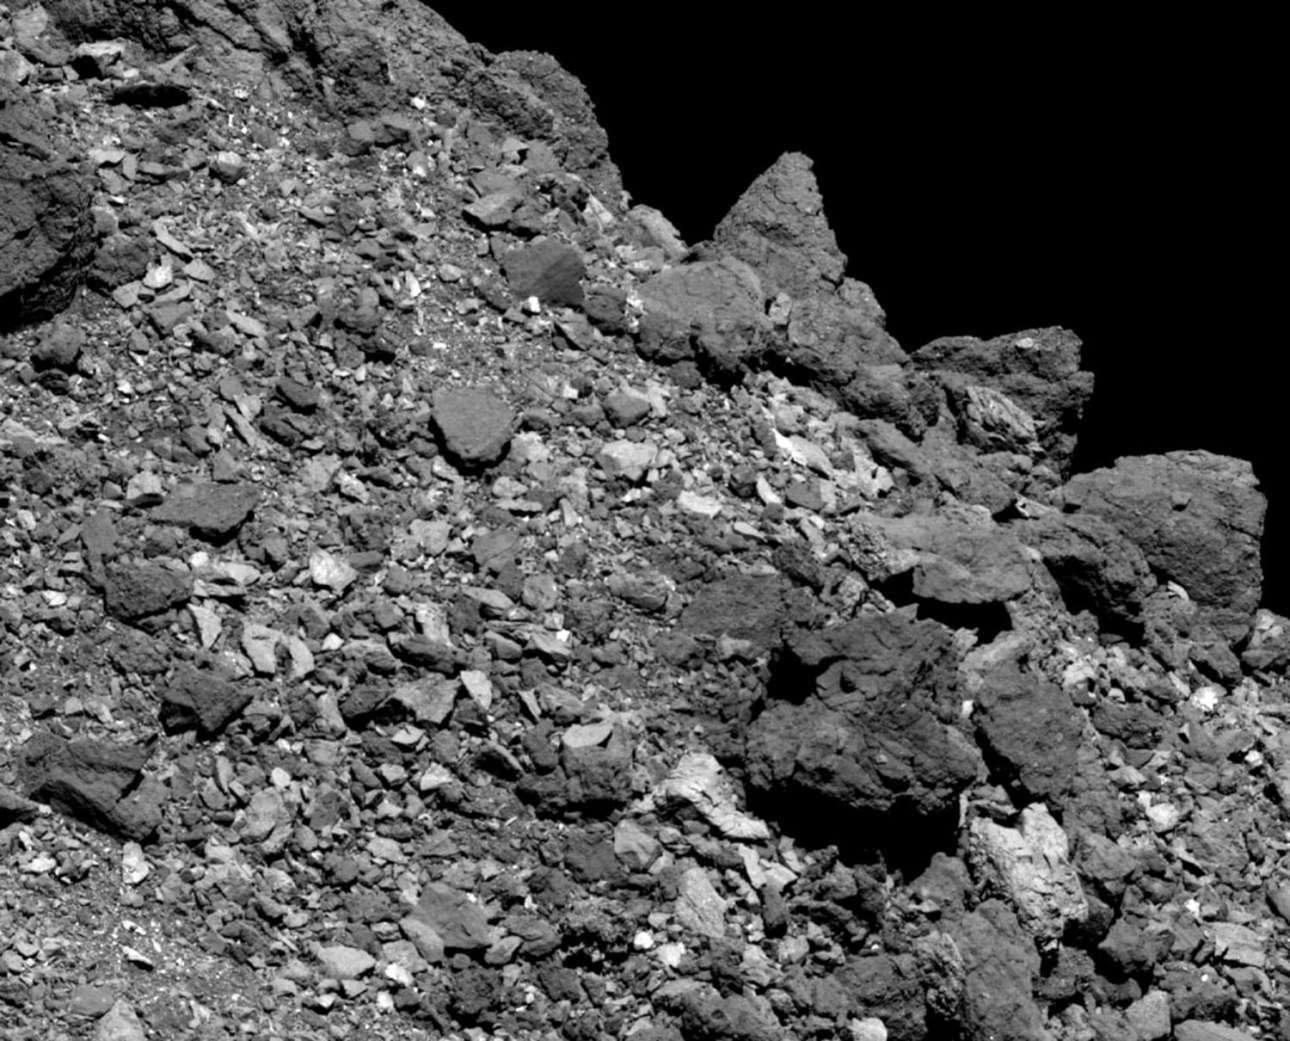 Μία πιο κοντινή λήψη του Bennu δείχνει την περιοχή κοντά στον Ισημερινό του. Οι μεγάλοι ογκόλιθοι, που θυμίζουν περιβάλλον της Γης, συγκεντρώνονται από τη βαρύτητά του, όπως βέβαια και της Γης. Η λήψη έγινε με κάμερα Polycam από το διαστημικό σκάφος OSIRIS-REx της ΝΑSΑ